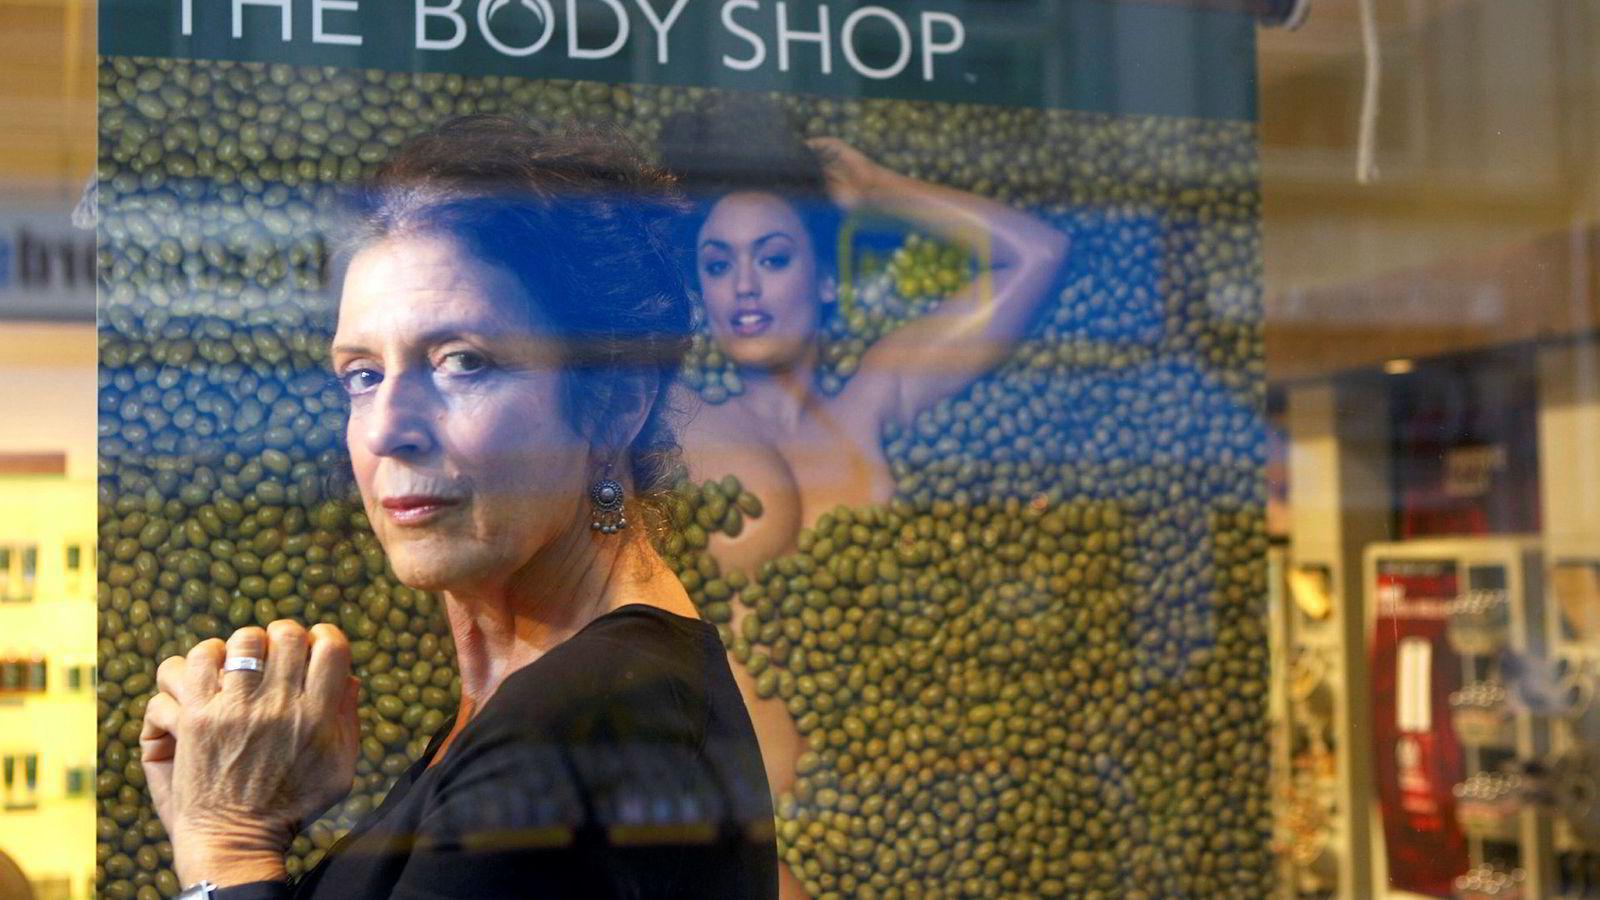 Det er ikke nytt at gode ideer begynner i det små og må hente kapital fra venner eller sosiale nettverk. Bare tenk på Anita Roddick – grunnlegger av Body Shop. Mot en eierandel på 50 prosent fikk hun låne 4000 pund i startkapital fra en lokal bilverkstedseier.